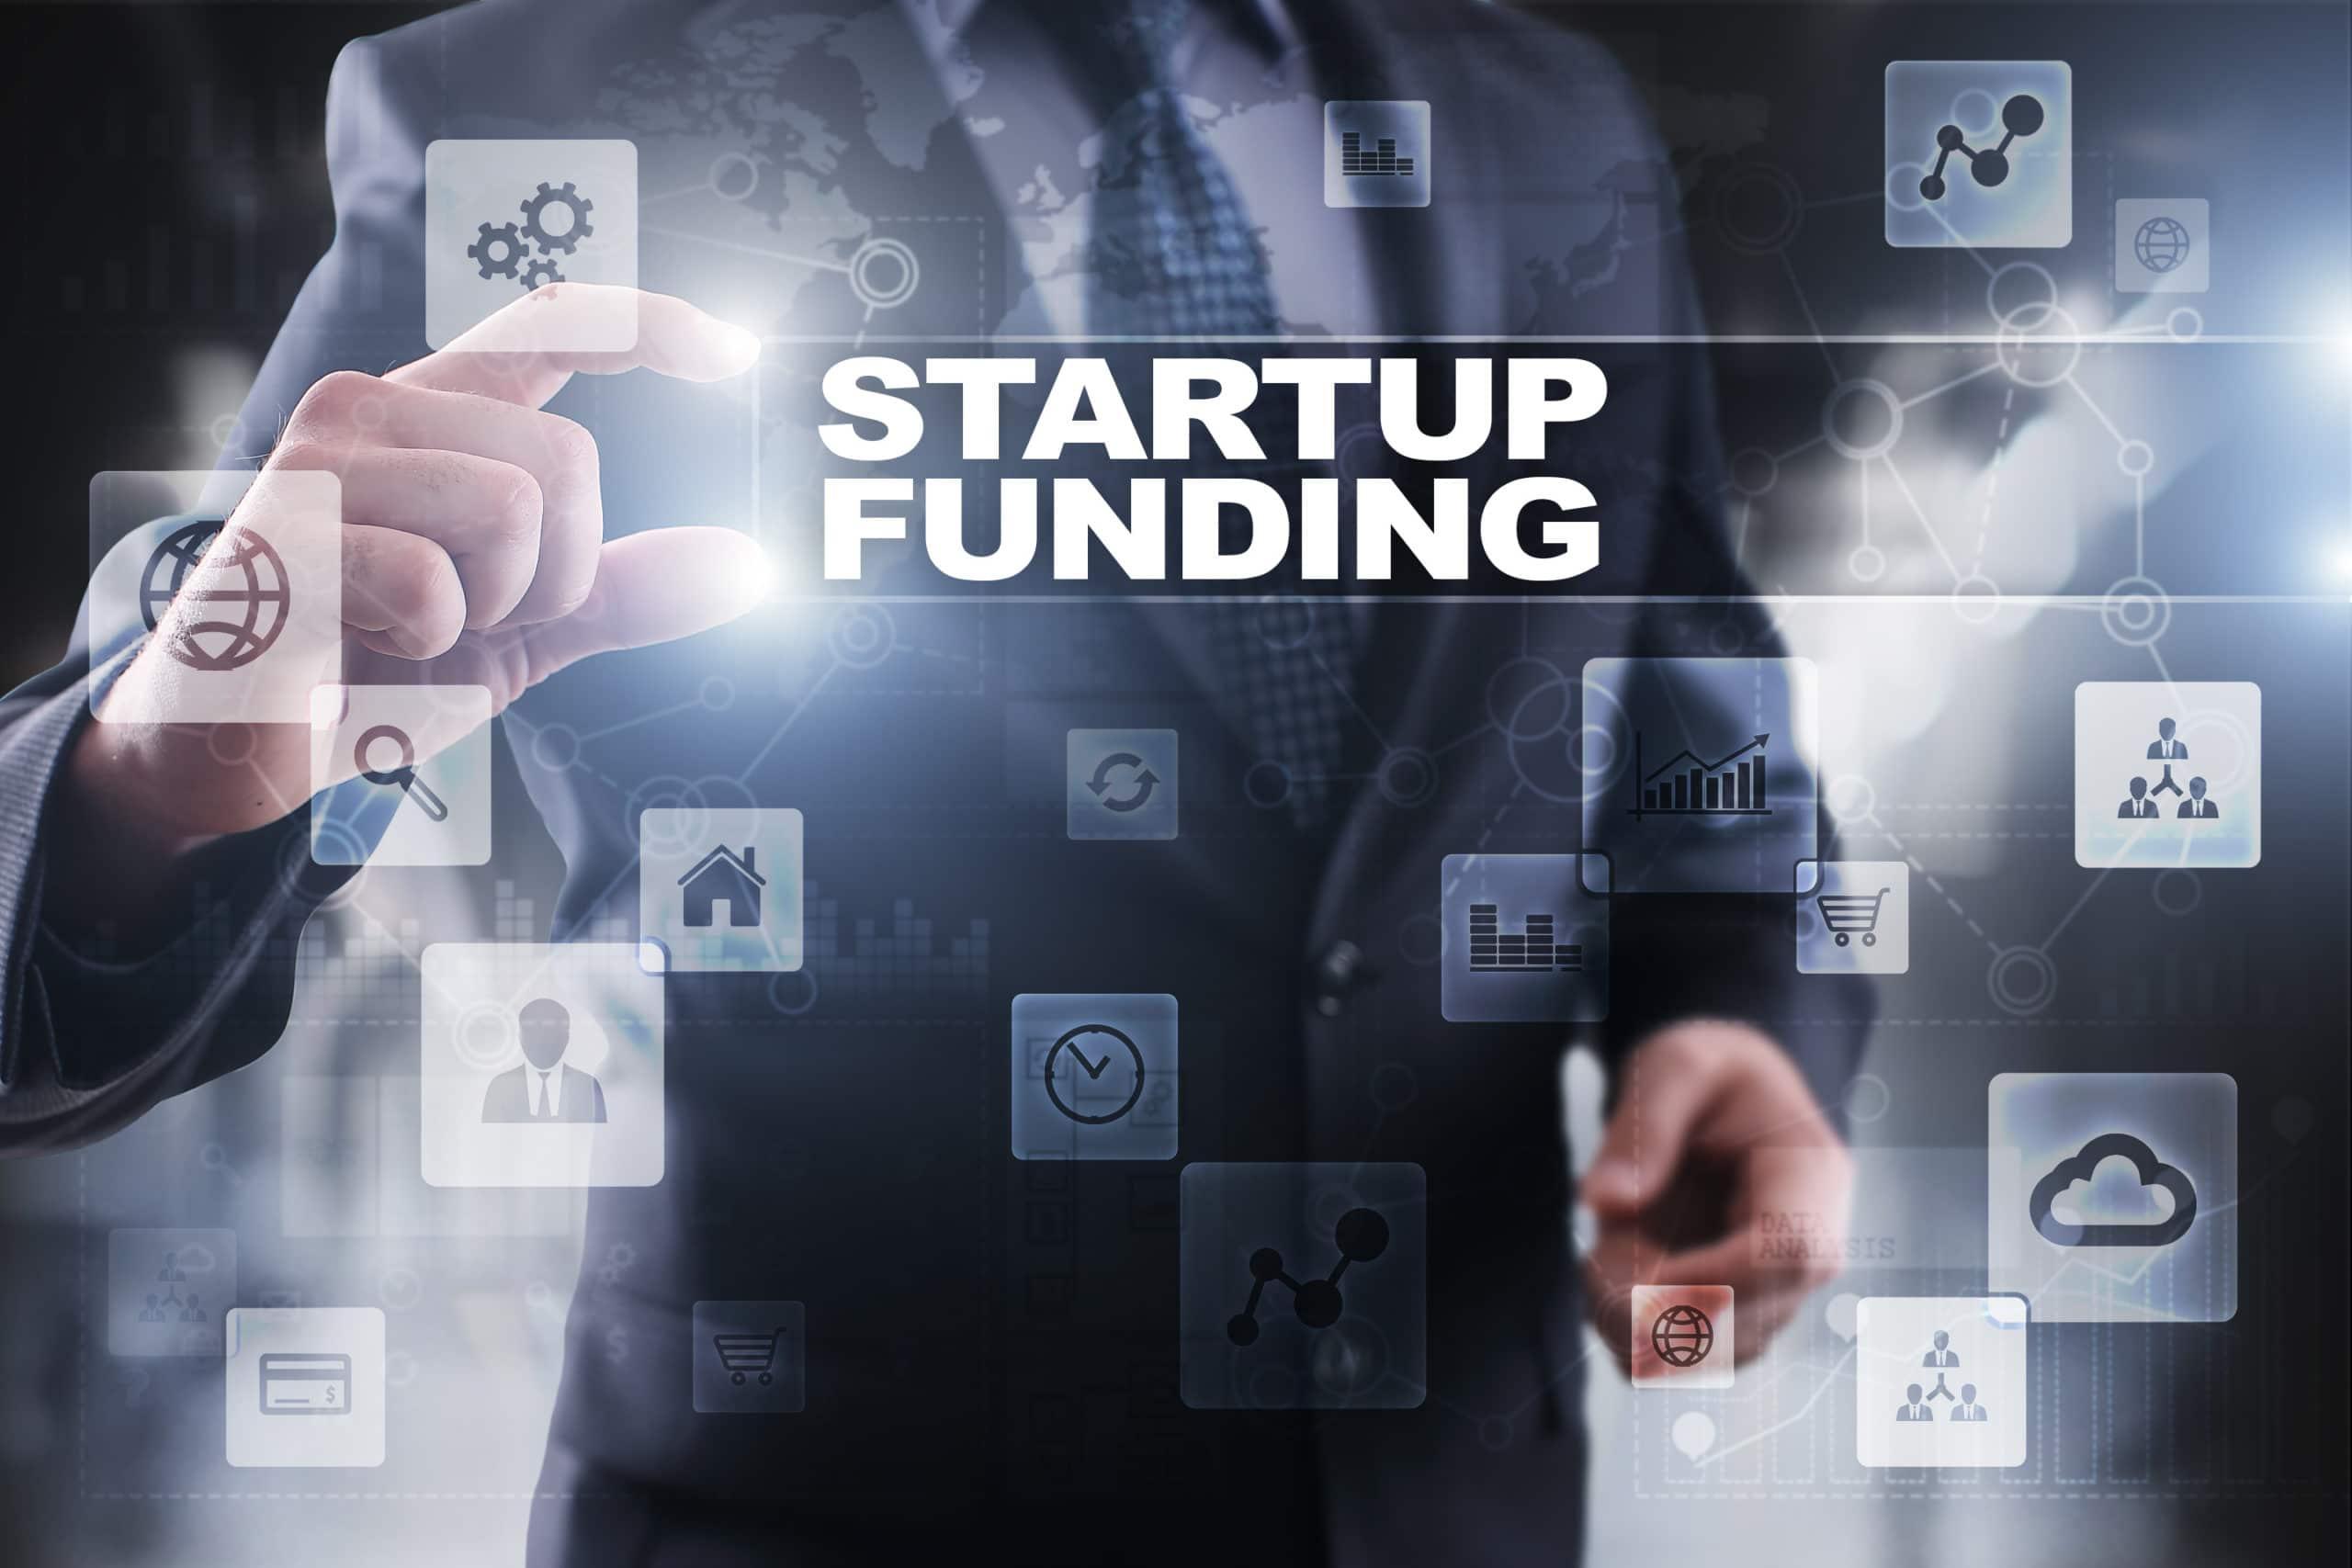 Startup Funding